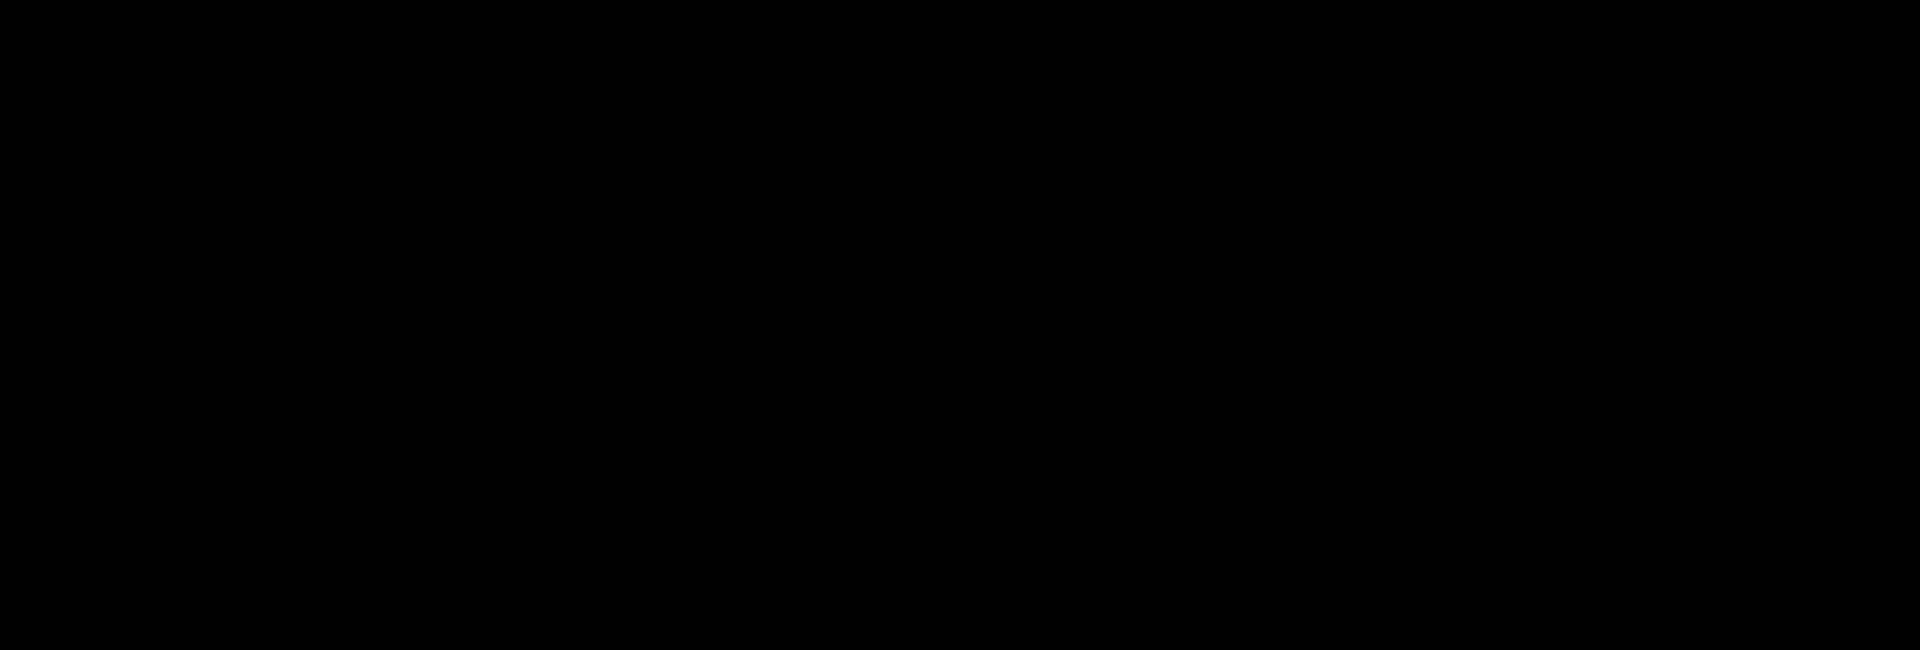 img-fondo-1920x650